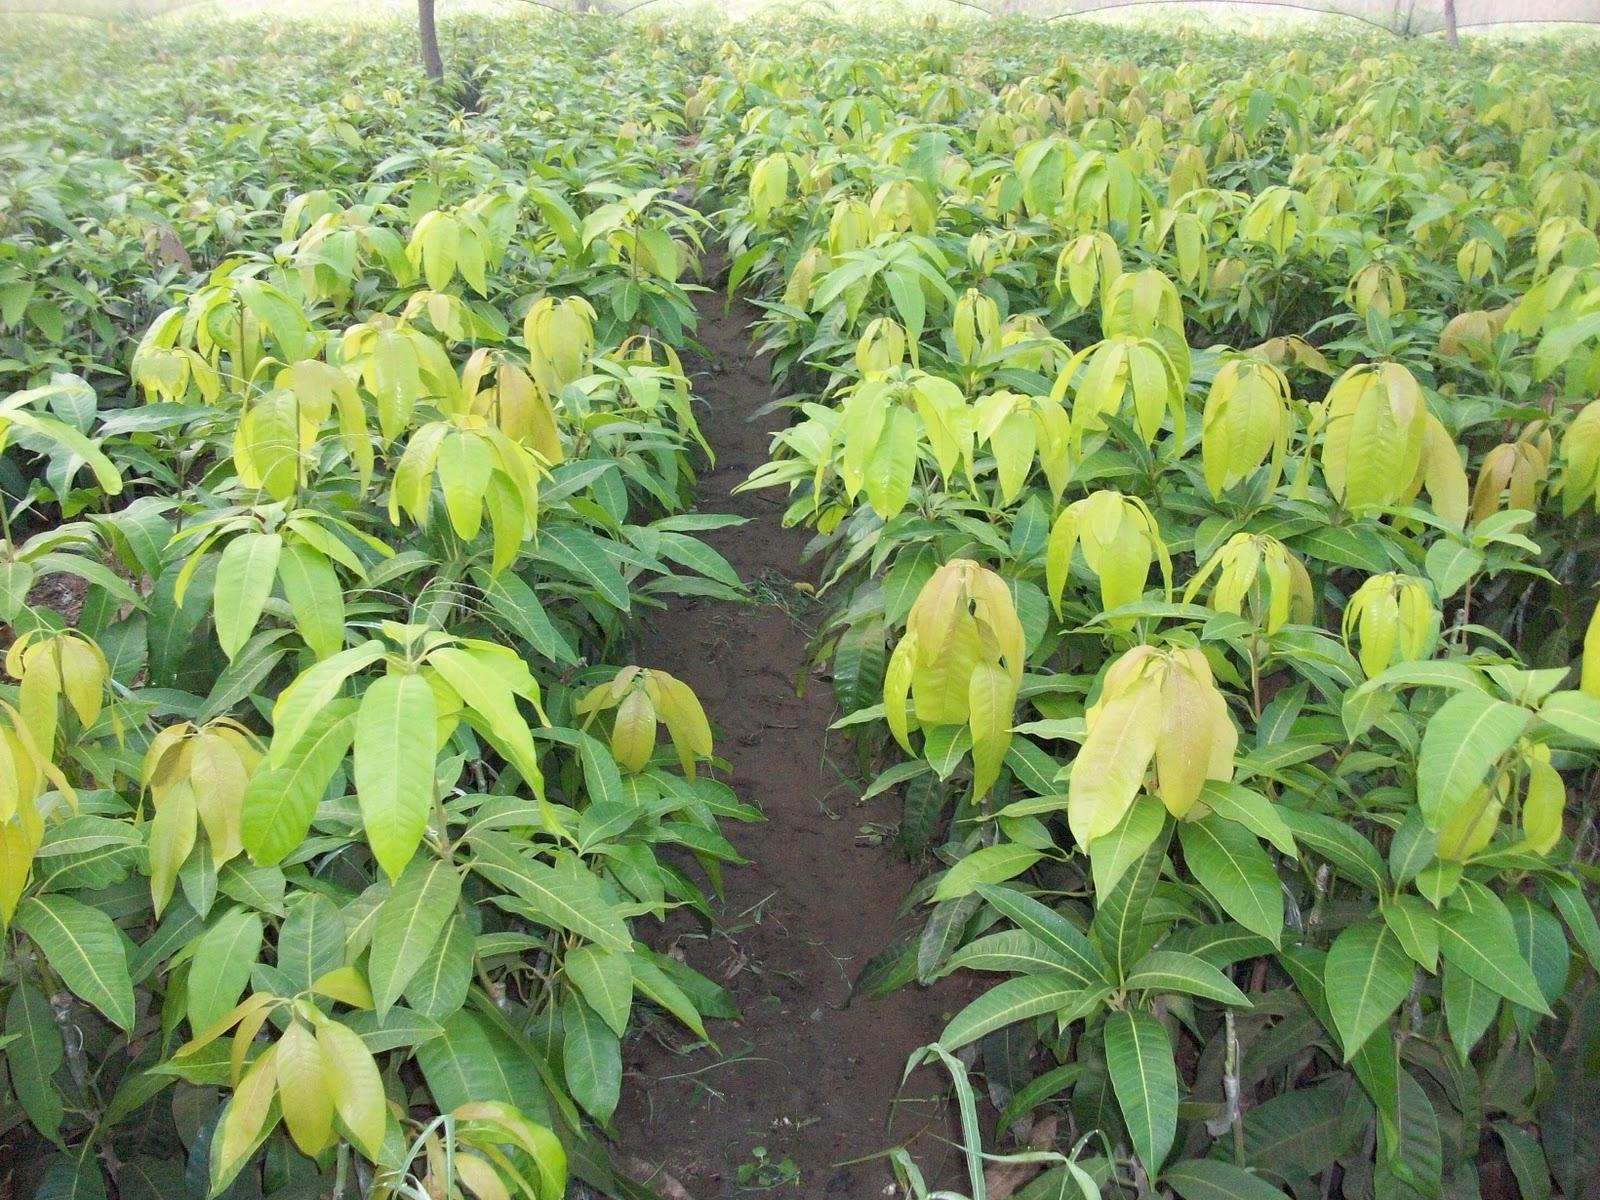 الزراعة توافق علي تصدير 2130 شتلة فاكهة لدول الخليج والمغرب والاردن